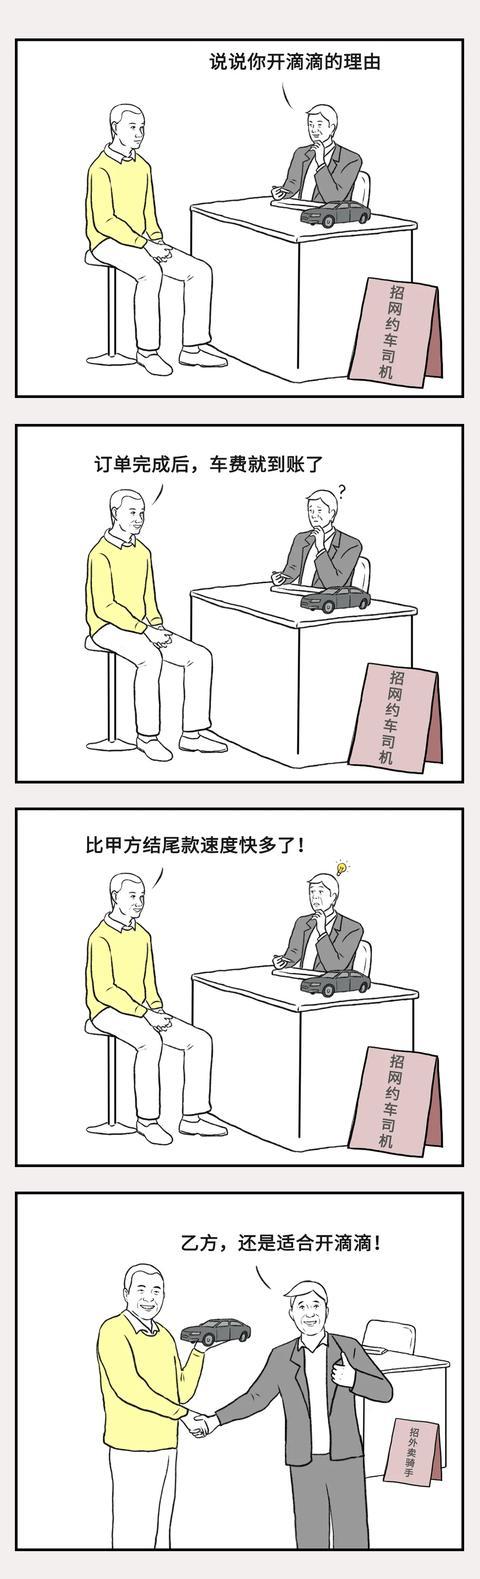 老板说,互联网人,有送外卖的天赋